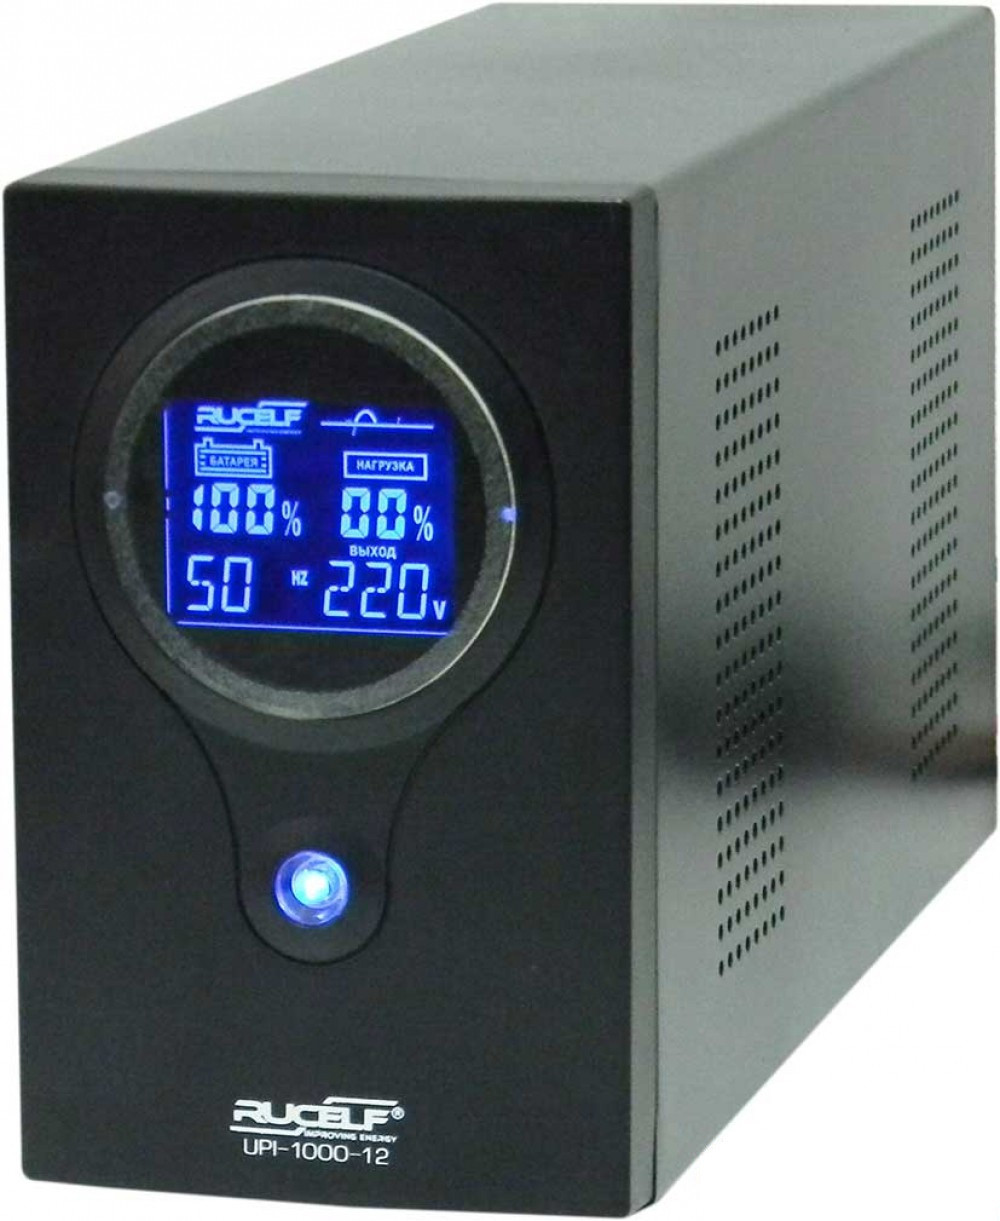 ИБП Rucelf UPI-1000-12-EL (600Вт), для котла, чистая синусоида, внешняя АКБ